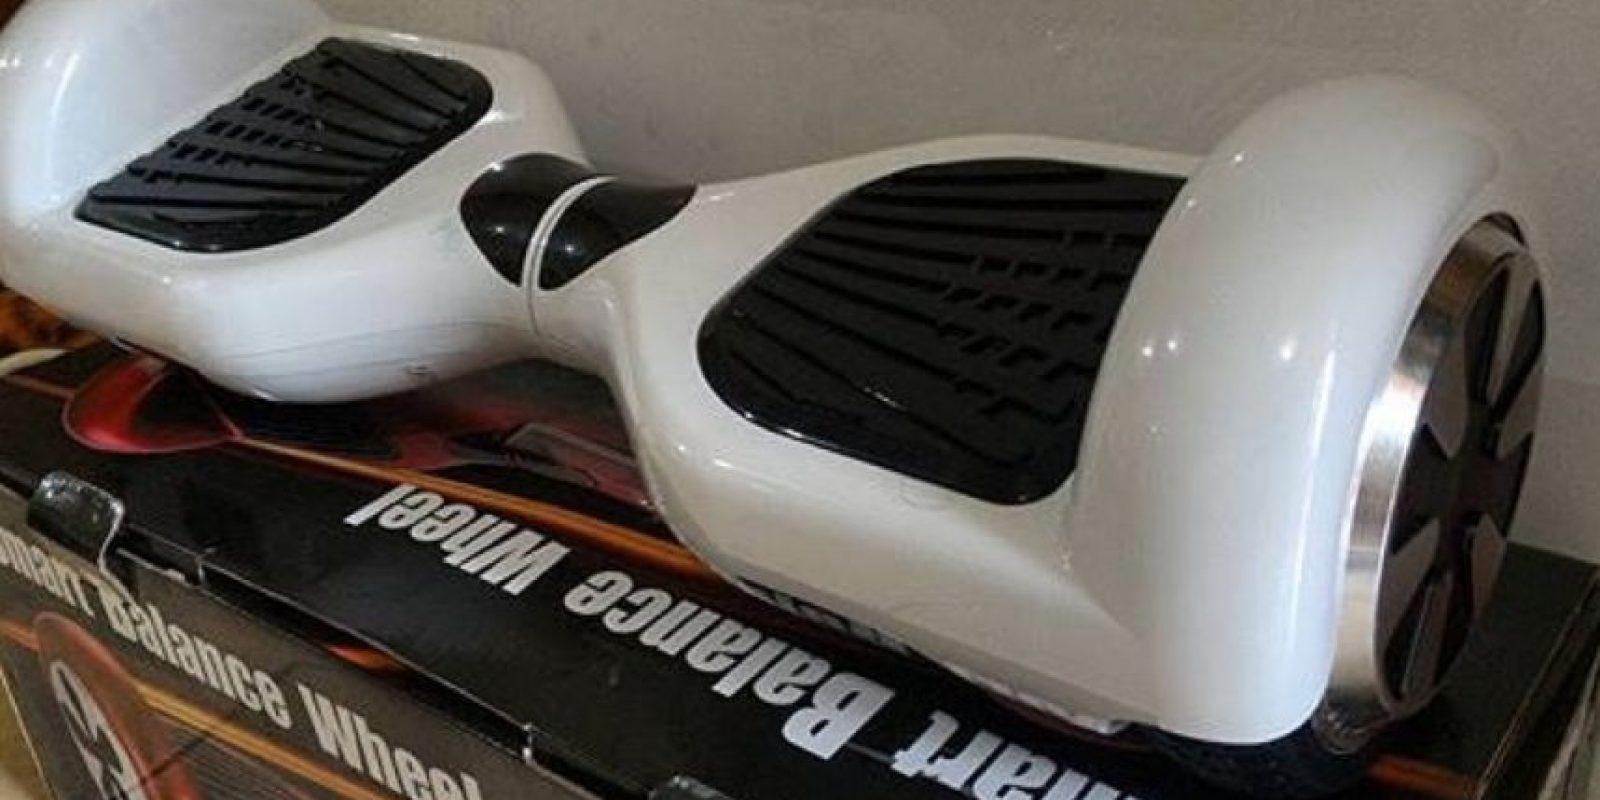 Las patinetas futuristas funcionan con baterías de litio. Foto:Vía Instagram